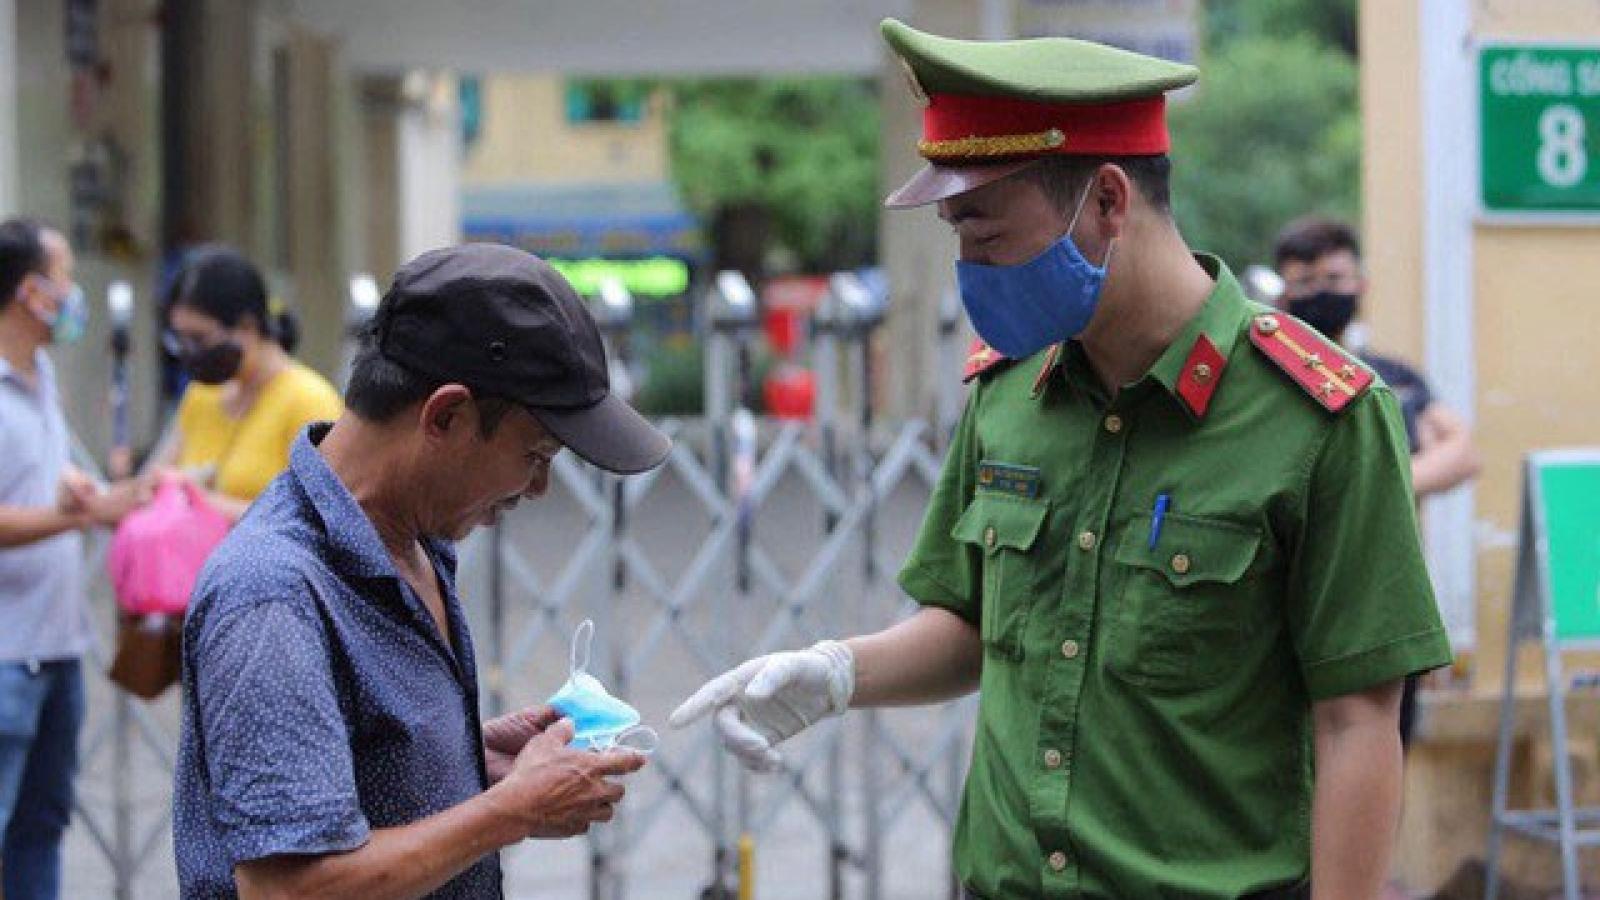 Hà Nội xử phạt hàng trăm trường hợp không đeo khẩu trang khi ra đường